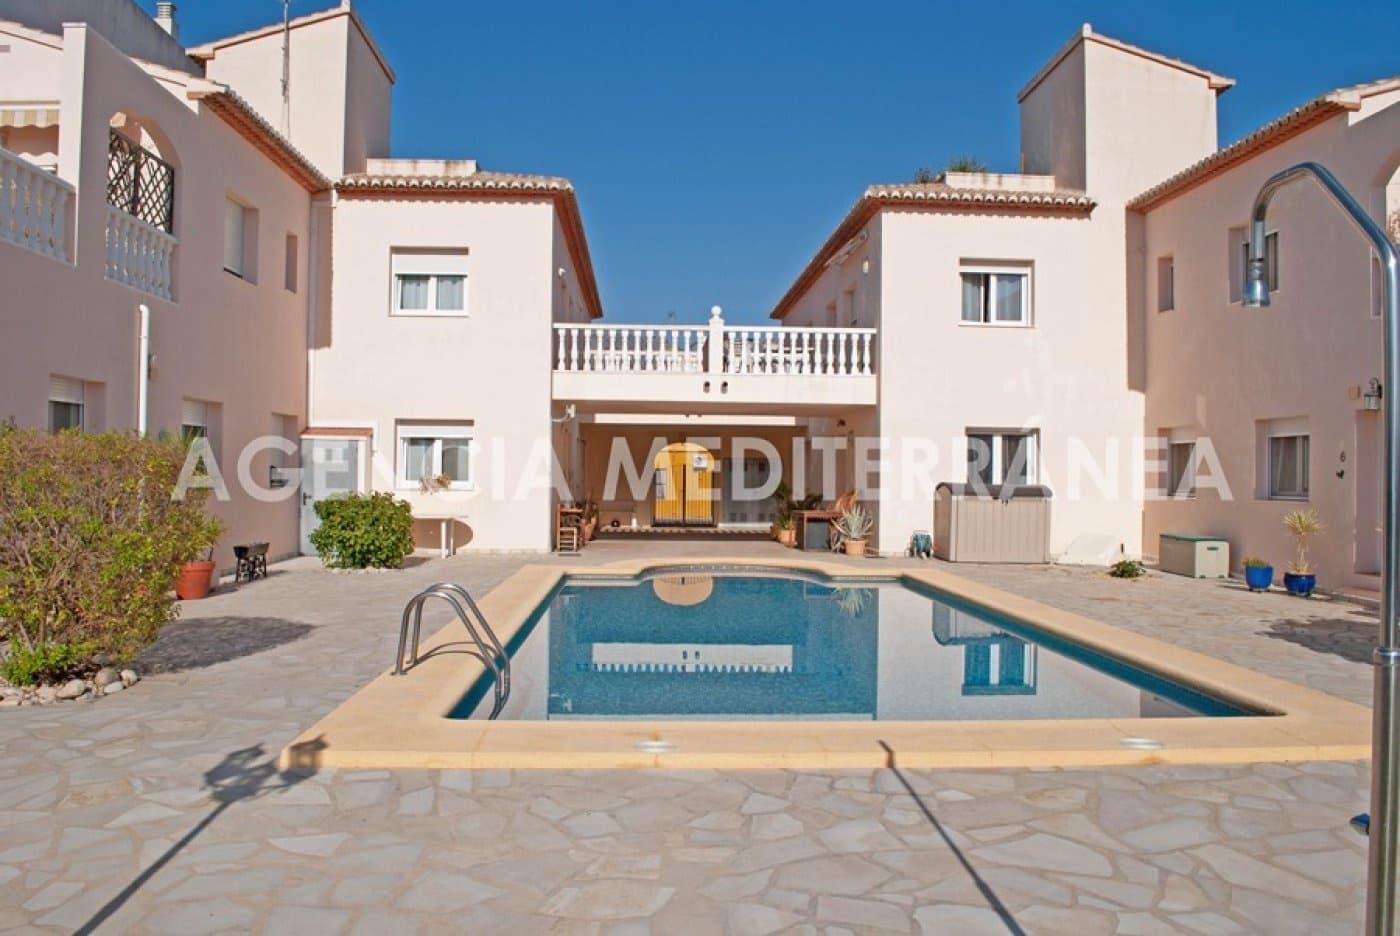 Adosado de 3 habitaciones en Pamis en venta con piscina - 160.000 € (Ref: 4468200)